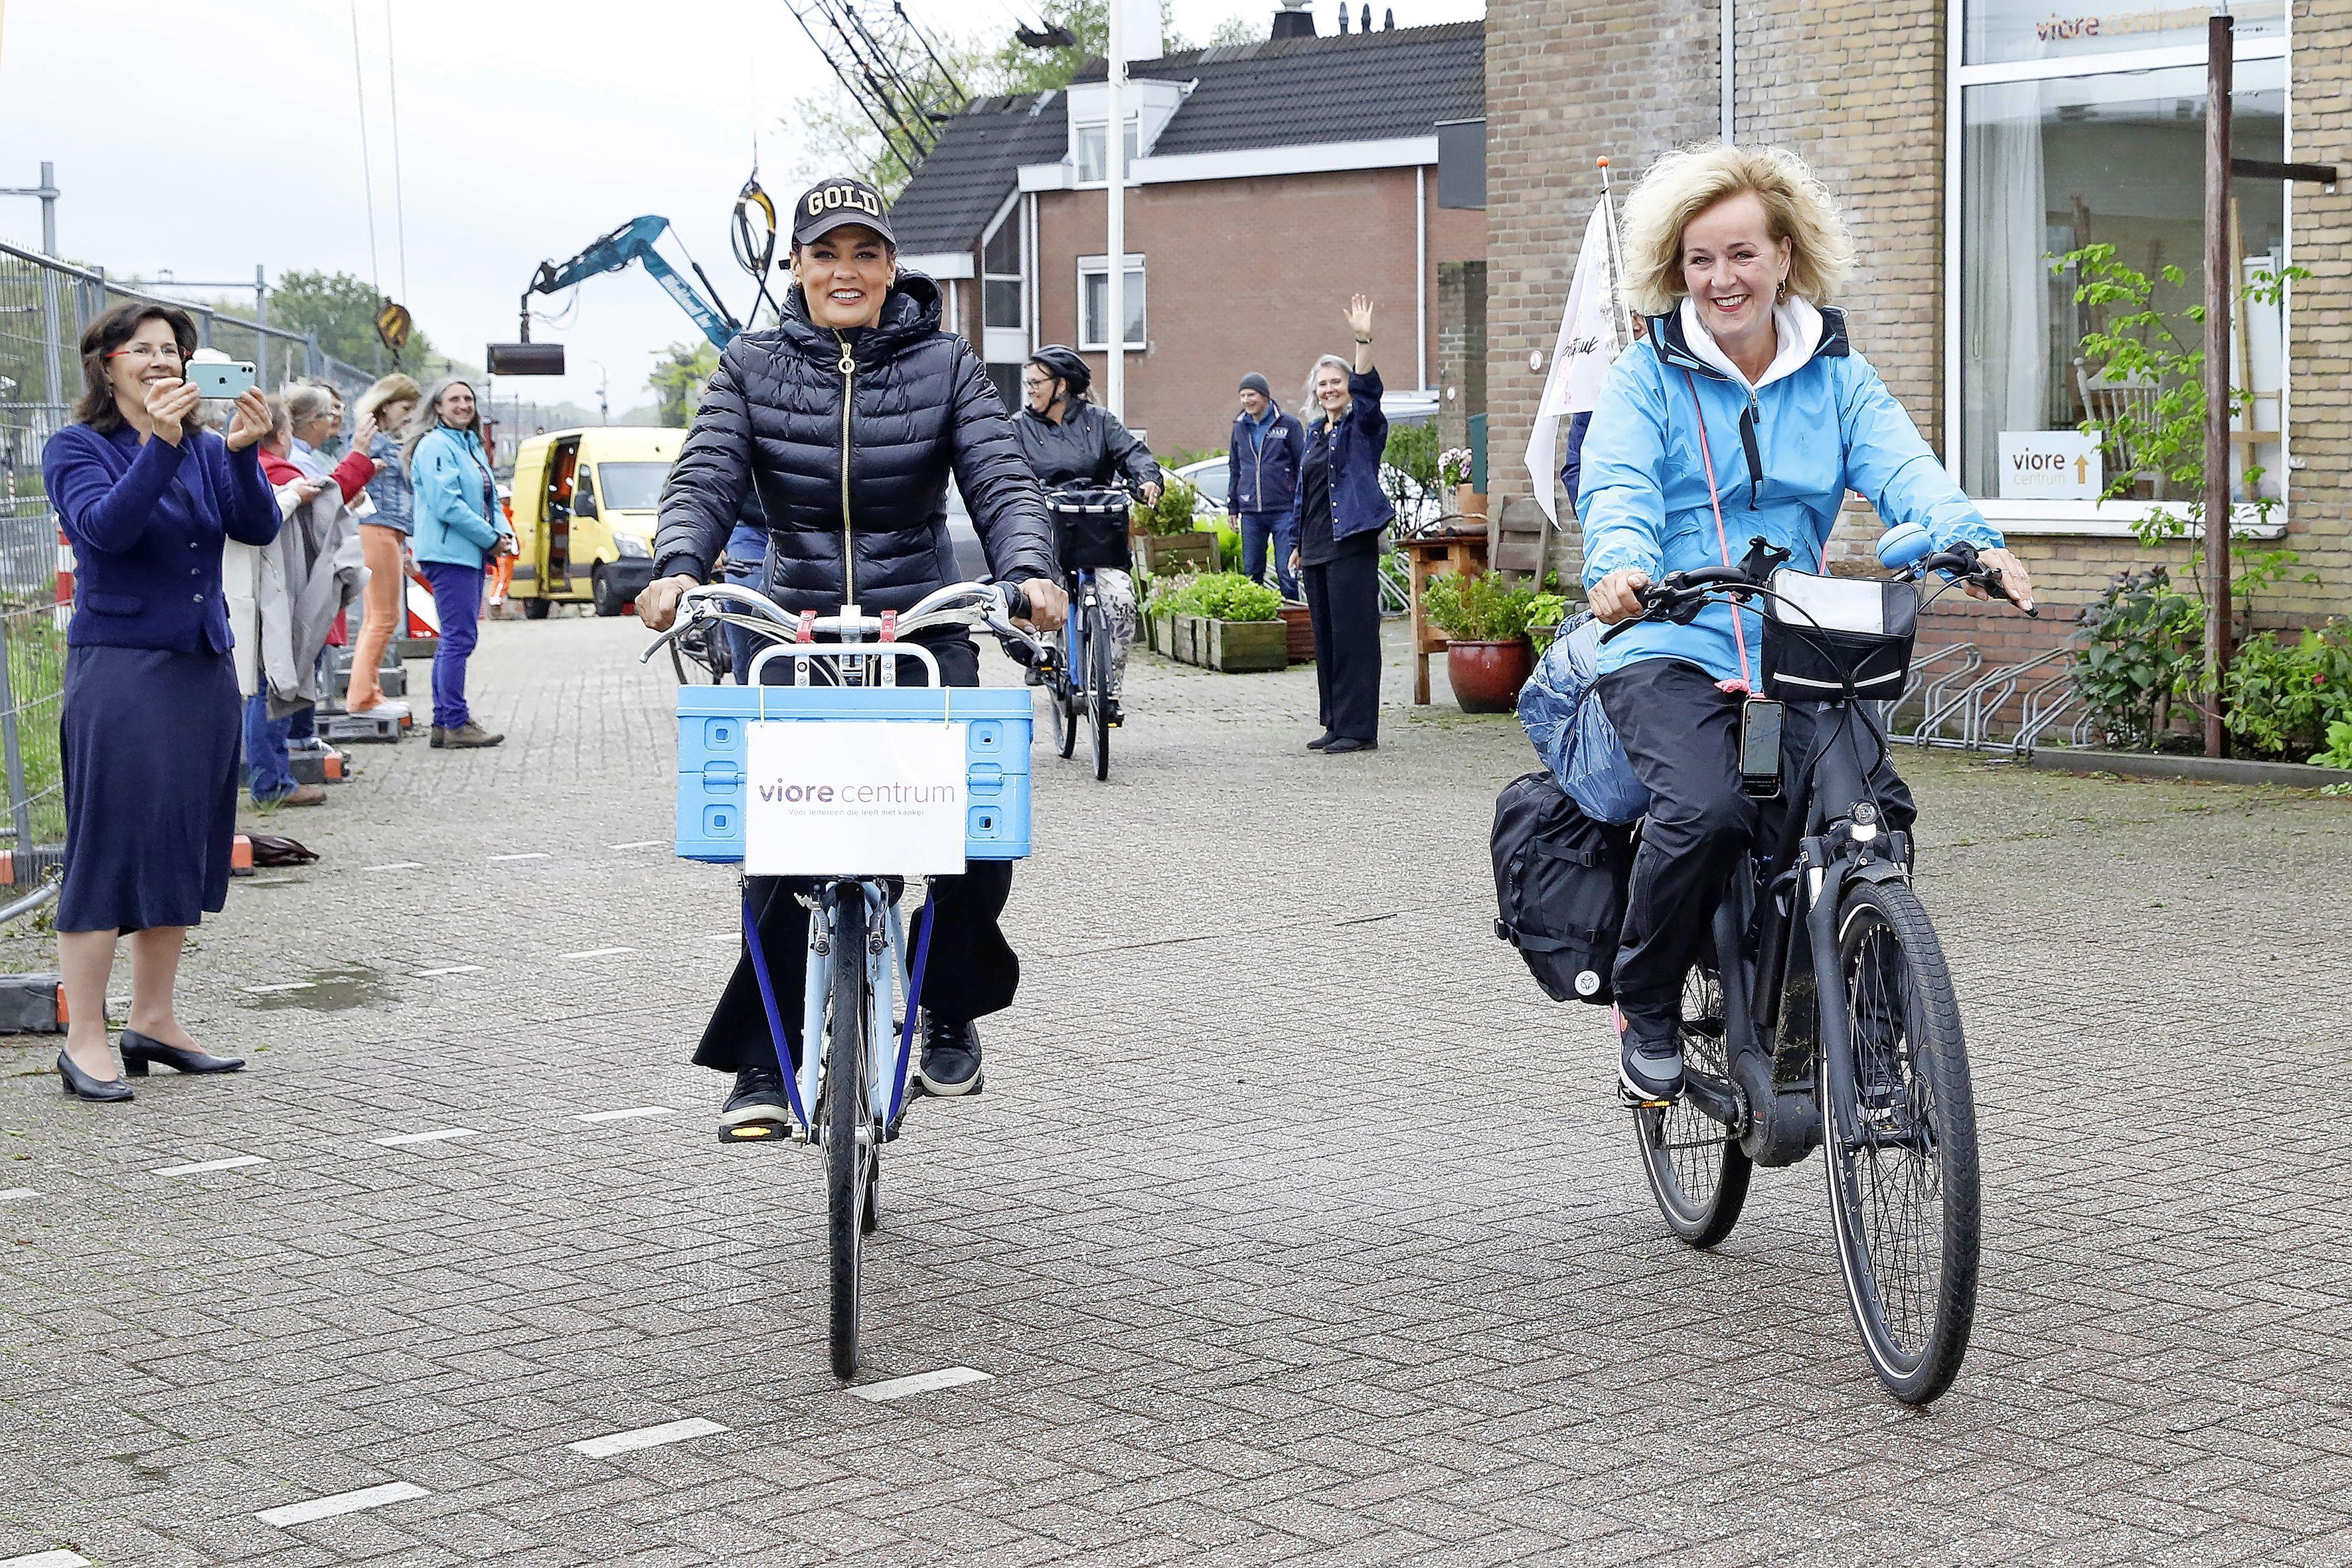 Bikkel Evelien doet Hilversum aan op haar fietsroute door Nederland. Op bezoek bij inloophuis Viore voor mensen met kanker. 'Wat een energie heeft die vrouw'